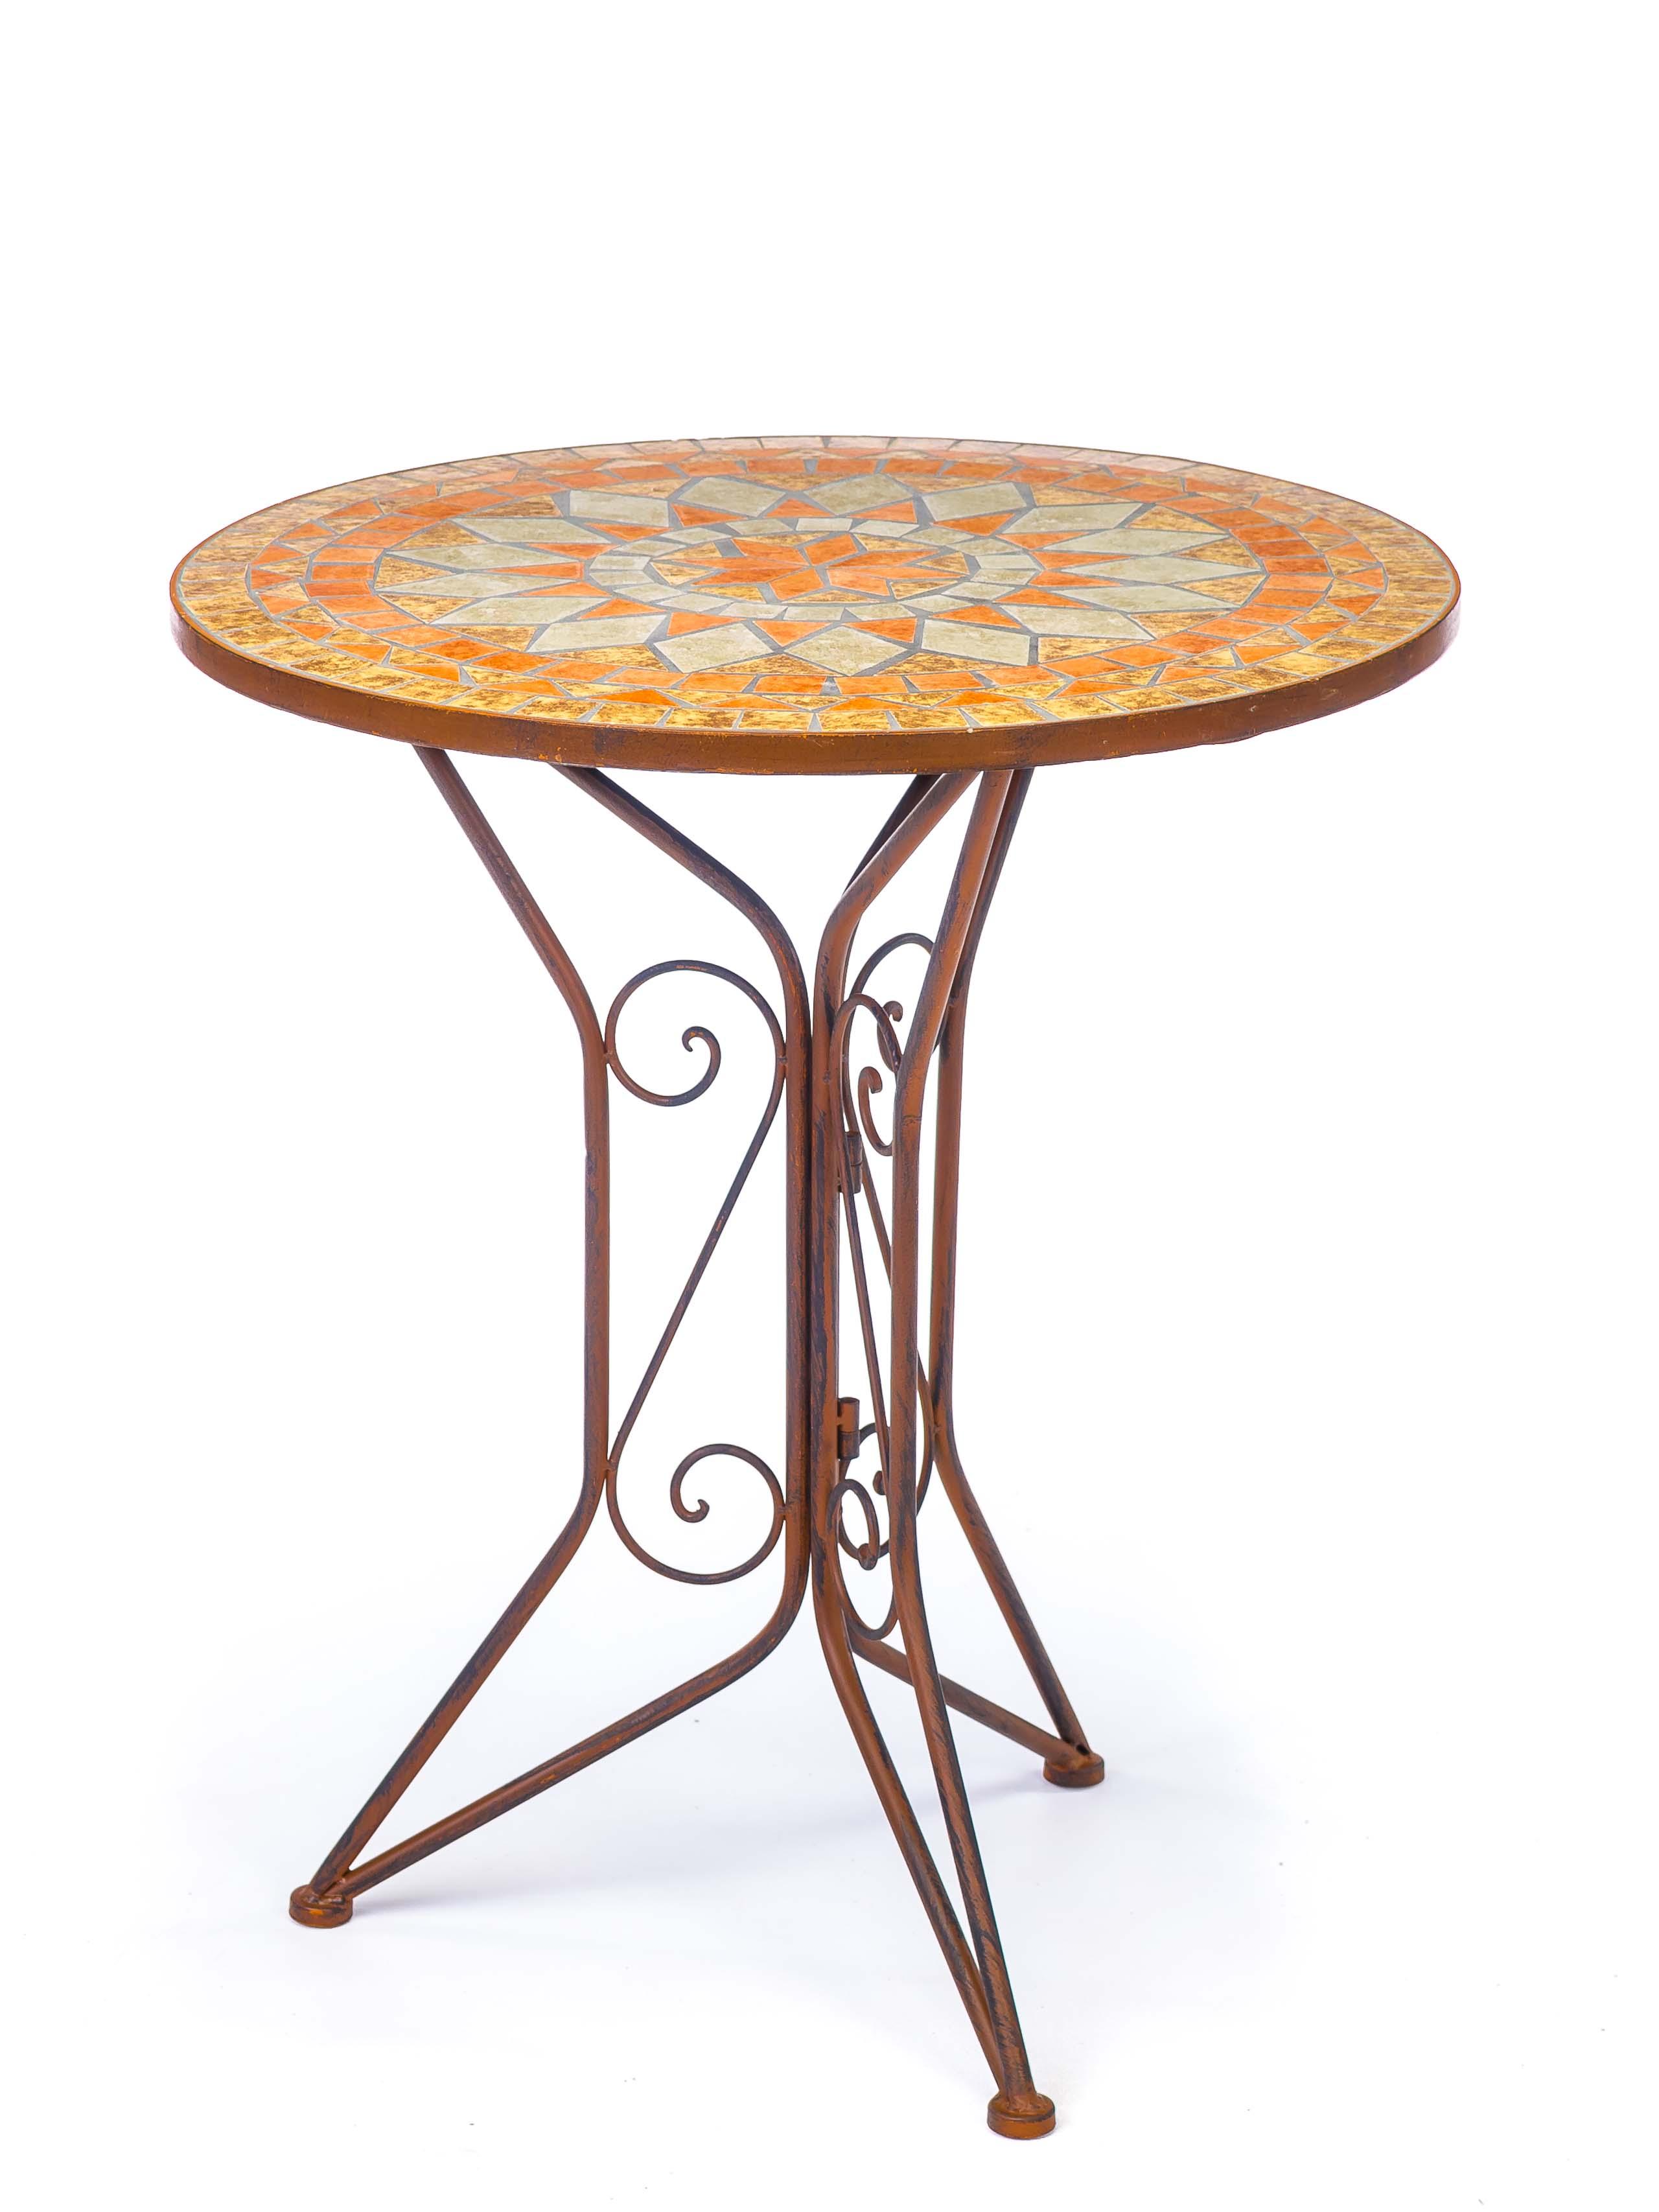 Fliesen Mosaik Tisch Orientalisches Keramik Waschbecken Mit Mosaik